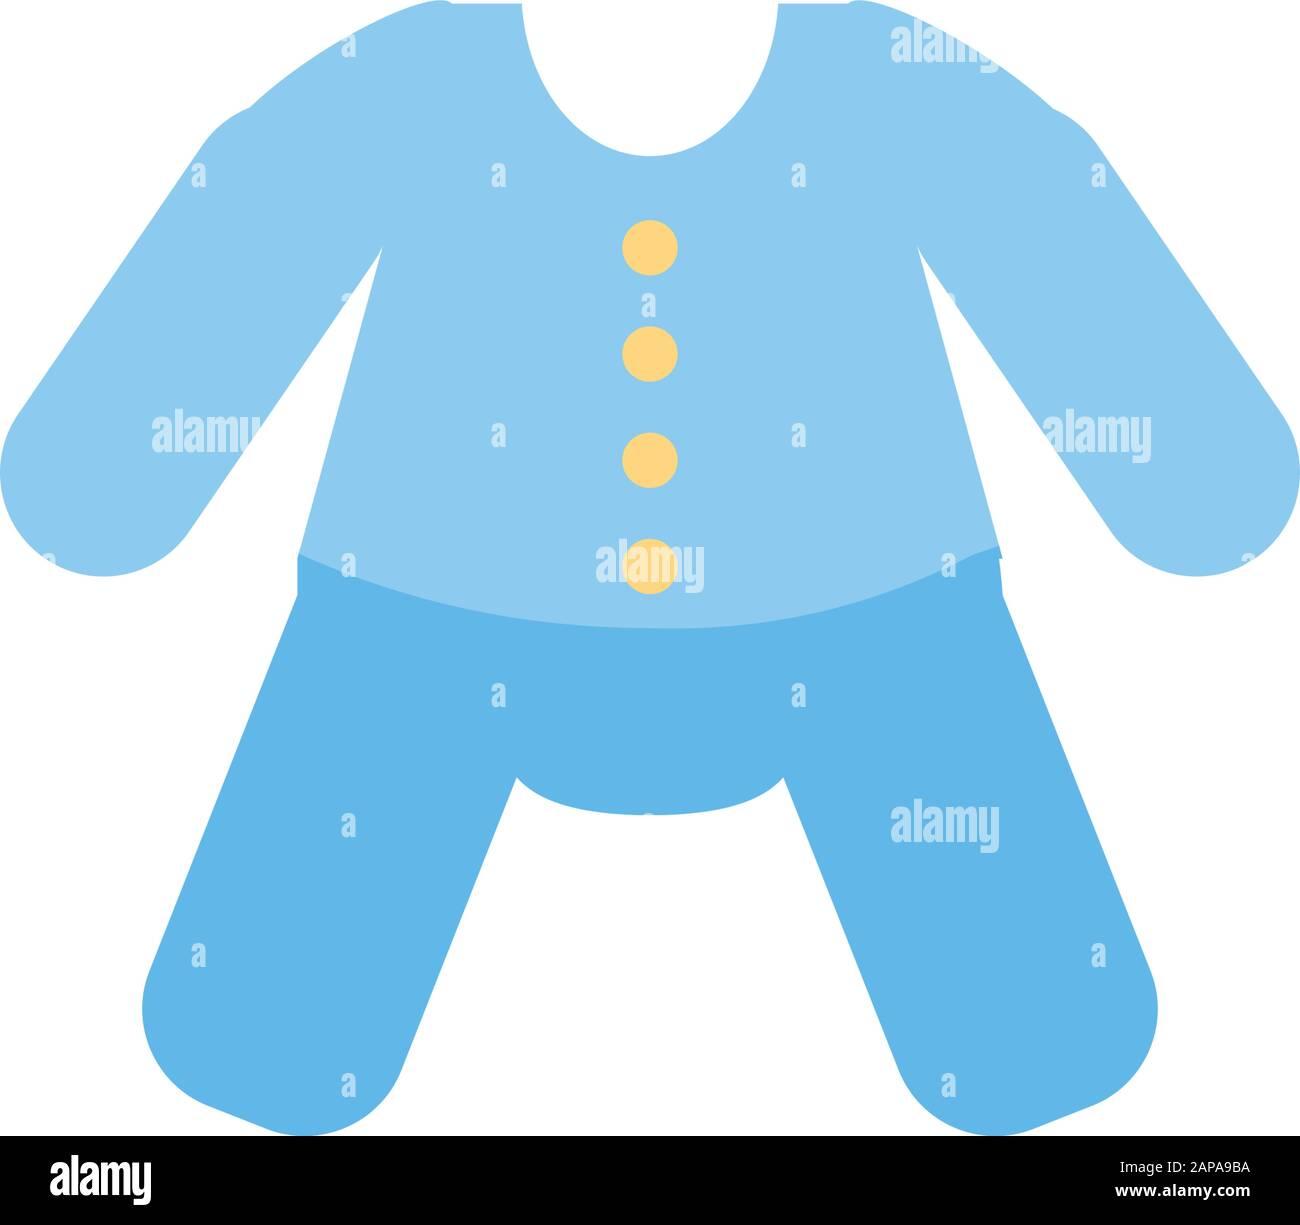 Conception de tissu pour bébé, innocence d'objet pour enfant nouveau-né et illustration vectorielle de petit thème Illustration de Vecteur